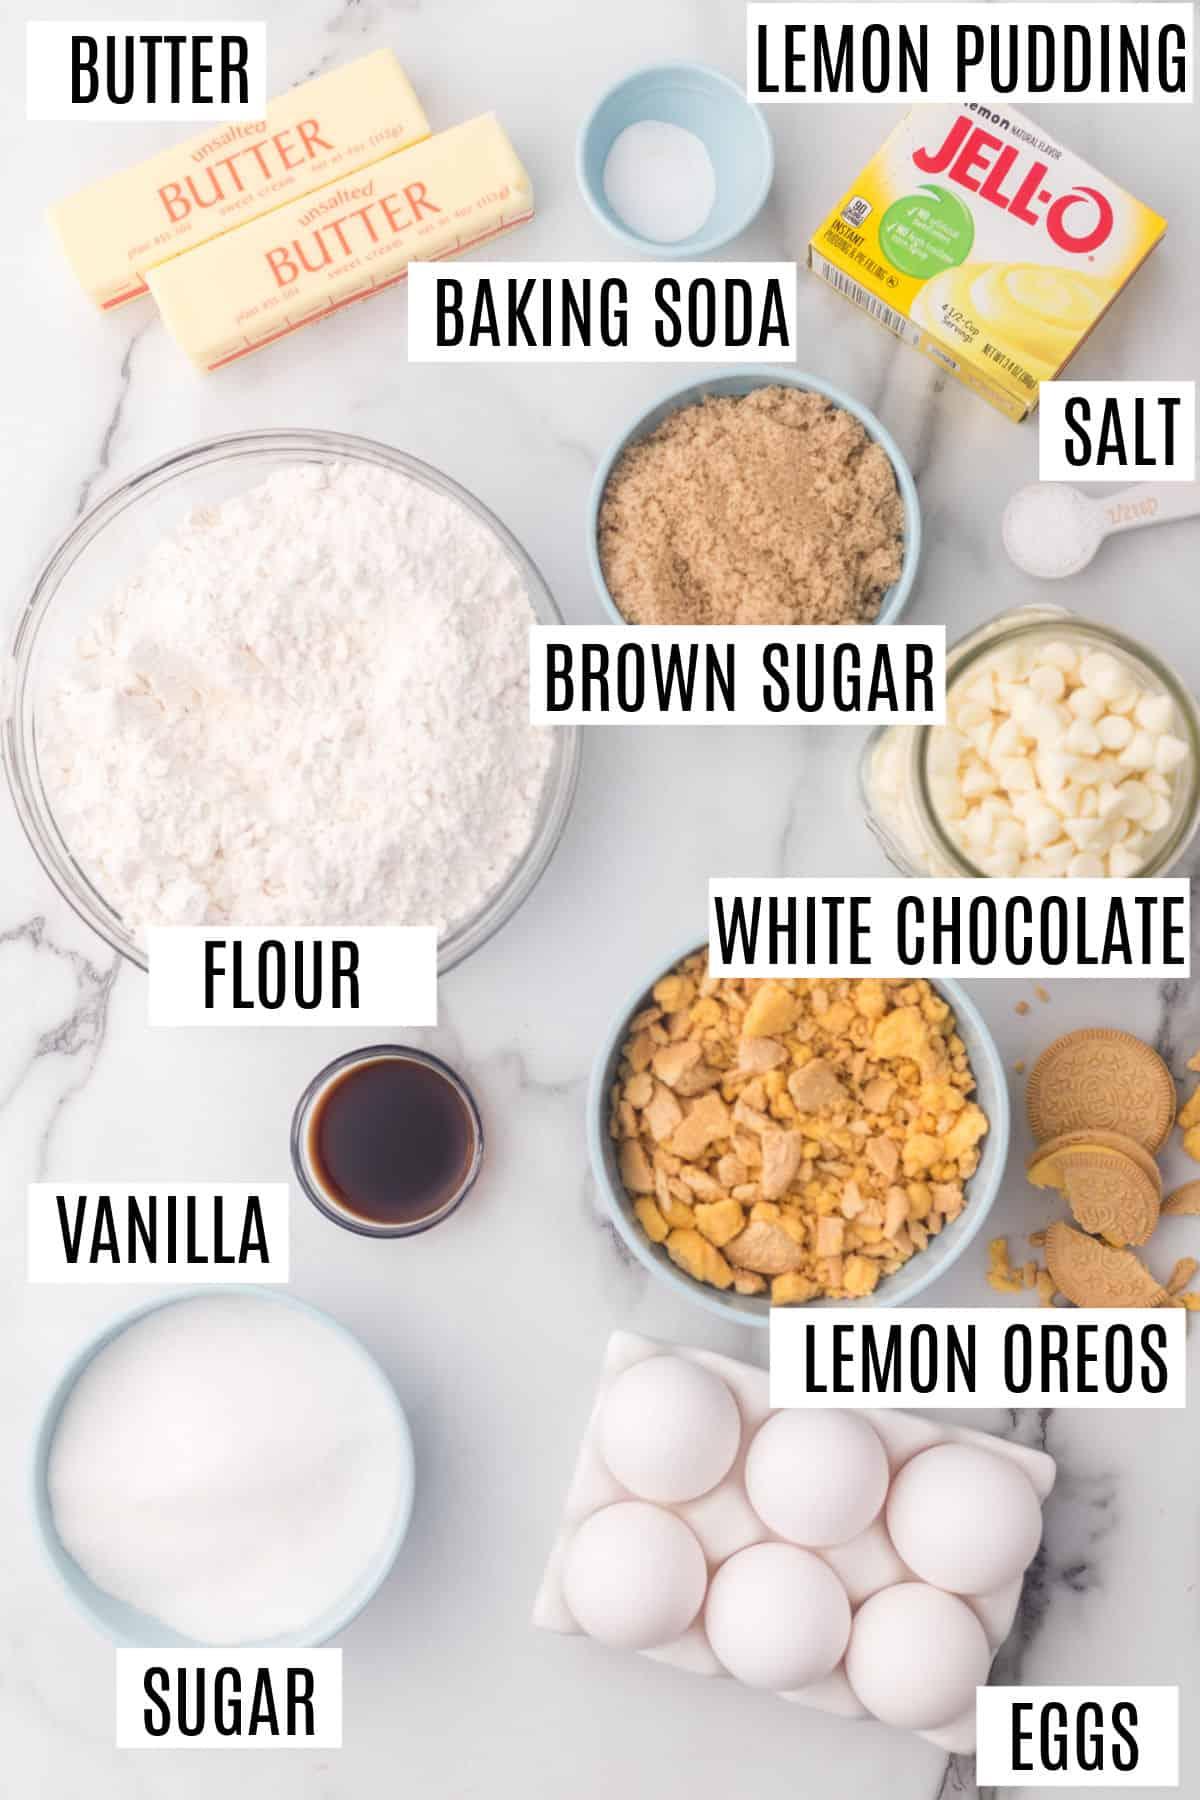 Ingredients needed for lemon oreo cookies.